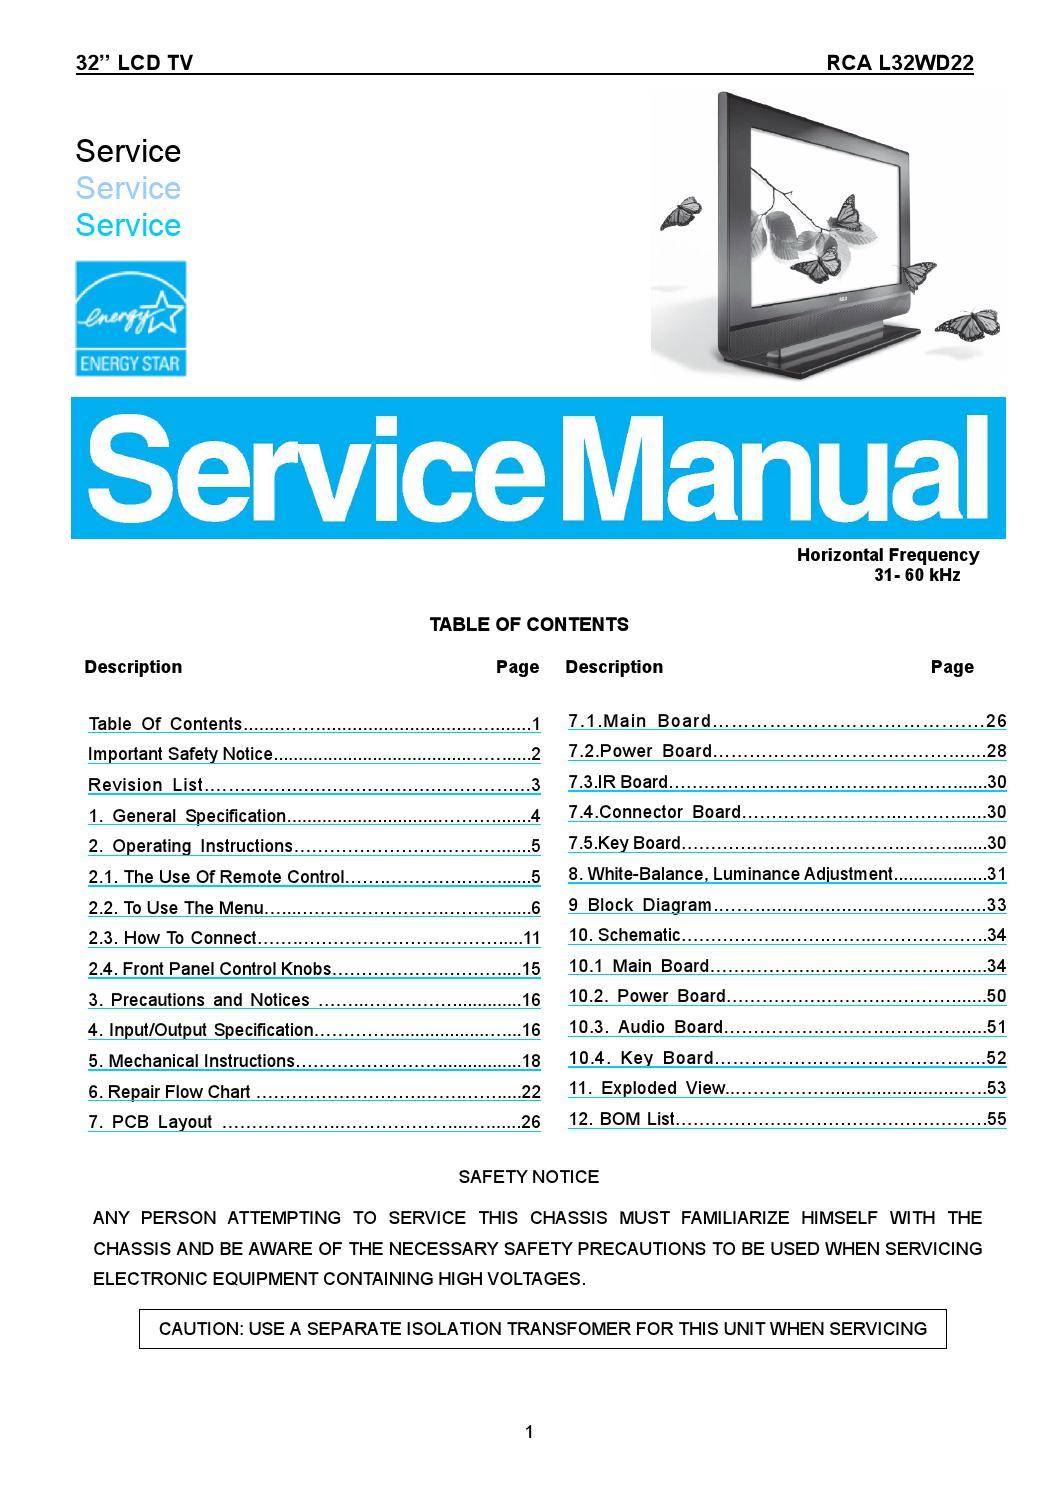 Manual De Servi U00e7o Televisor Rca Modelo L32wd22  Completo  By Portal Da Eletr U00f4nica